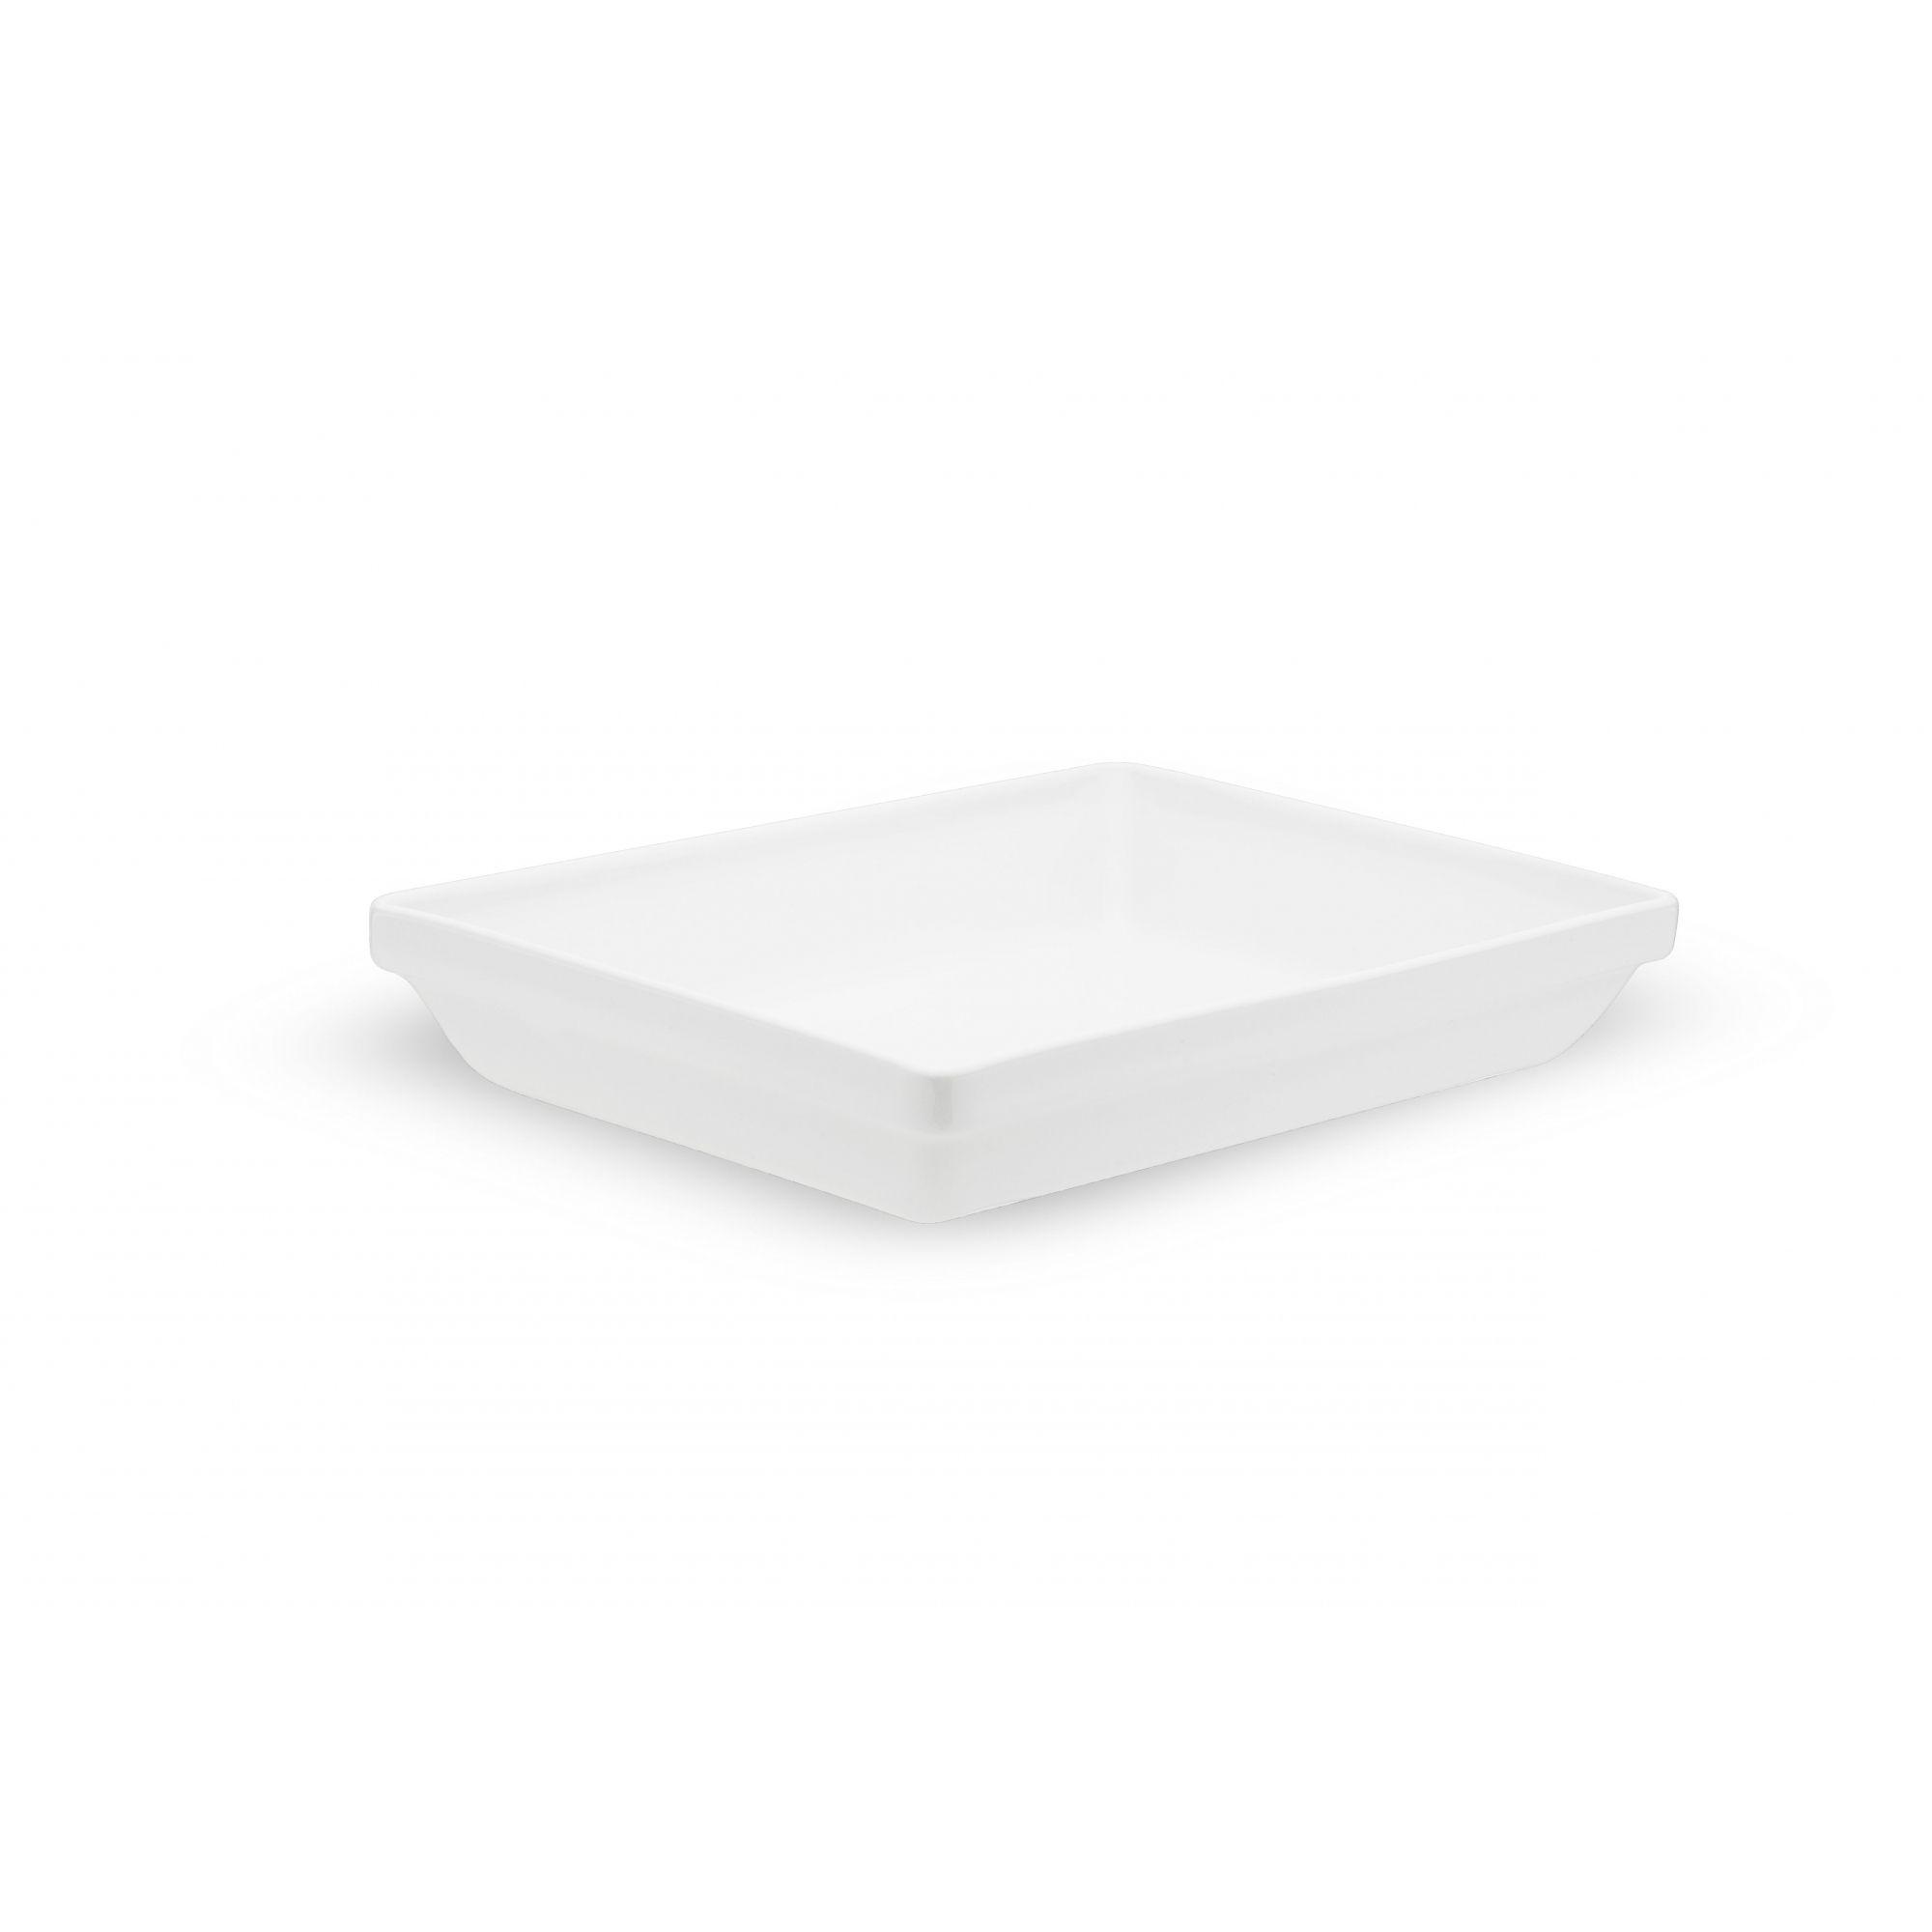 Travessa Porcelana Refratária Empilhável 1,25 L Branca